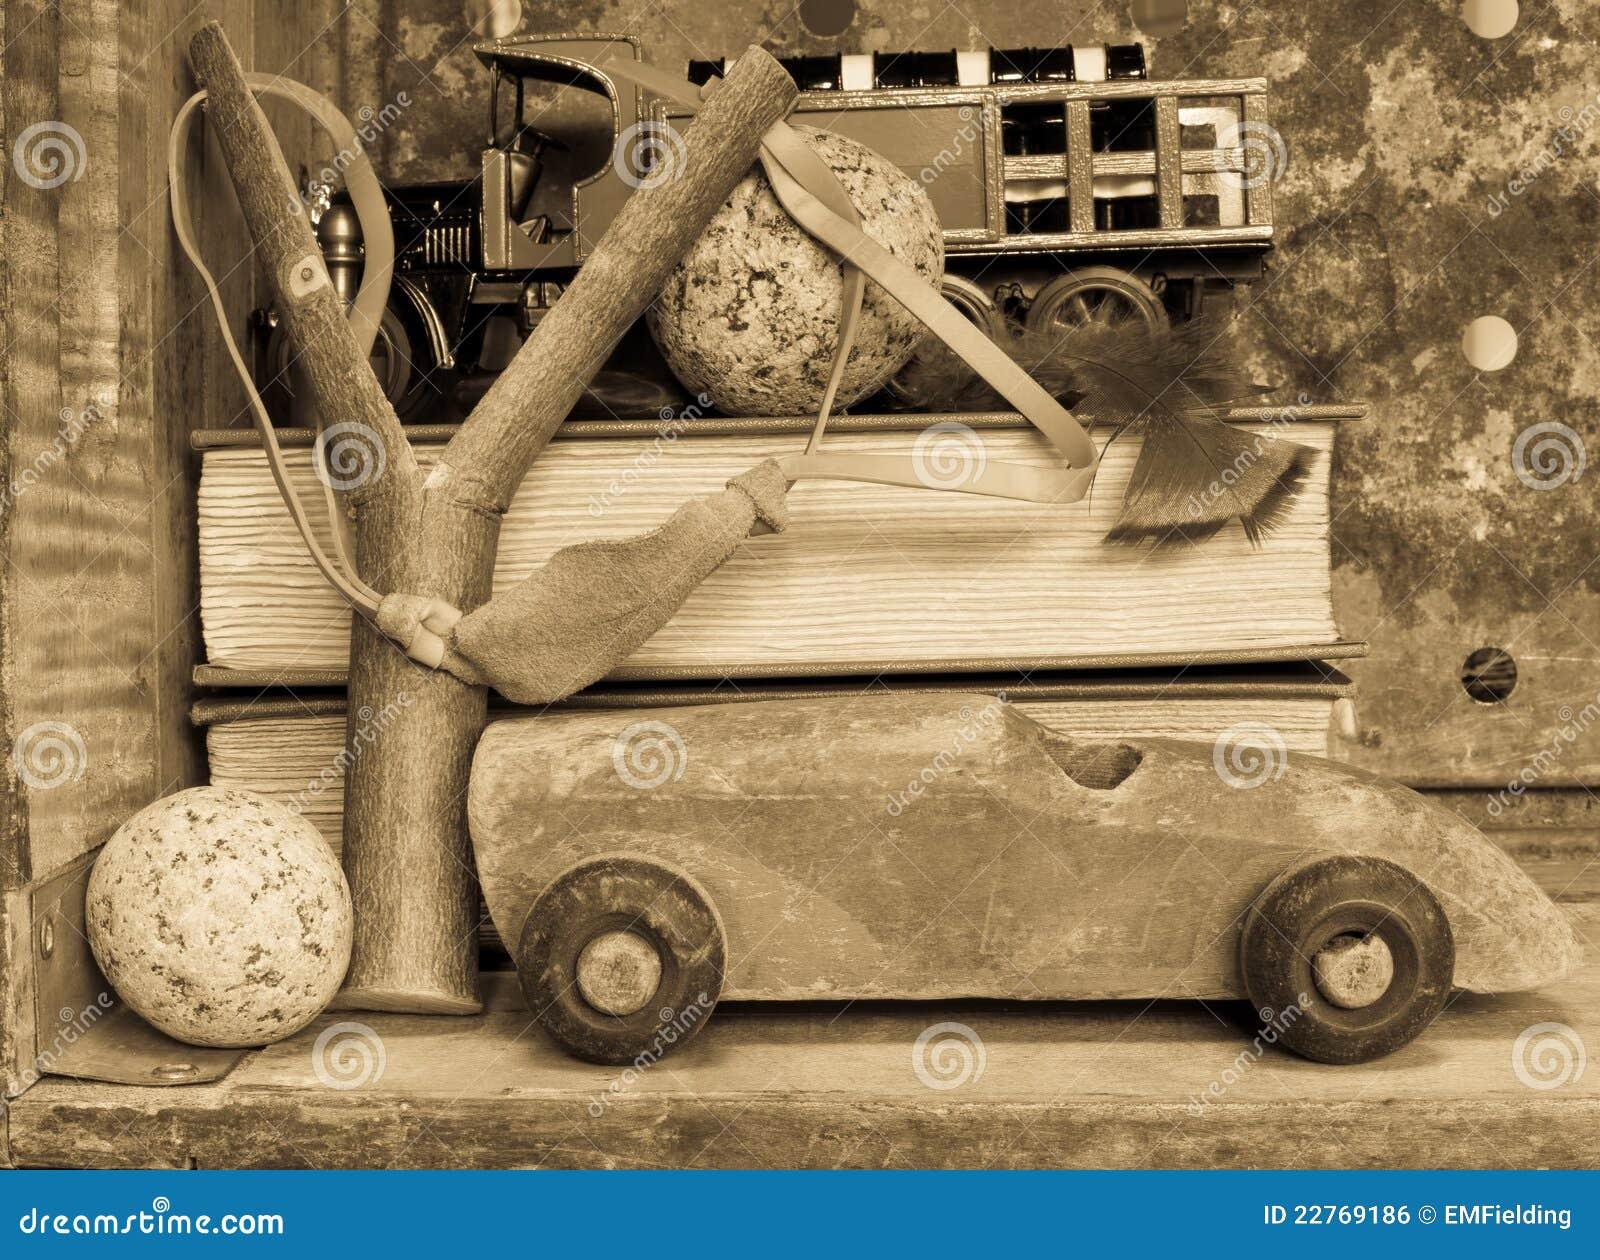 Het speelgoed van de jongen nostalgische achtergrond royalty vrije stock afbeelding - Lay outs ruimte van de jongen ...